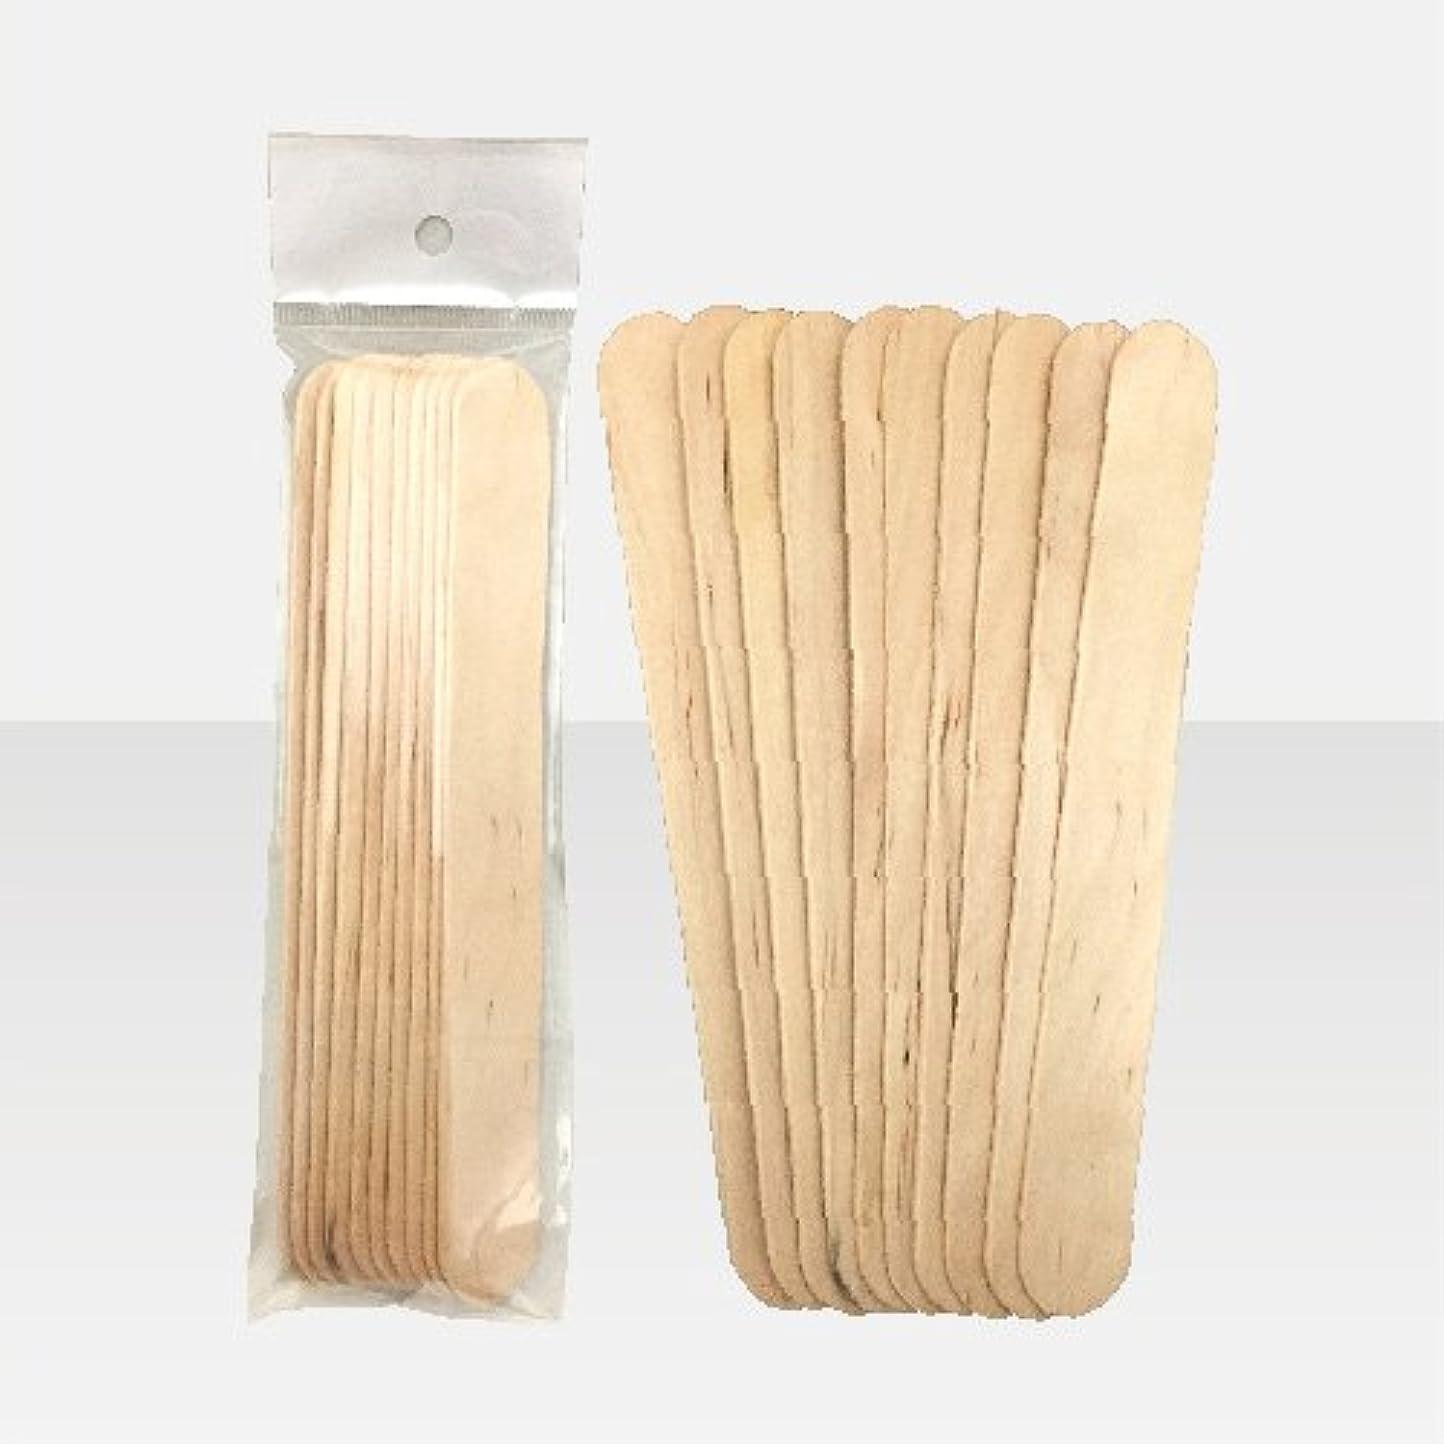 ボンドビールスライスブラジリアンワックス 脱毛ワックス用  ワックススパチュラ 木ベラ /10本セット Mサイズ